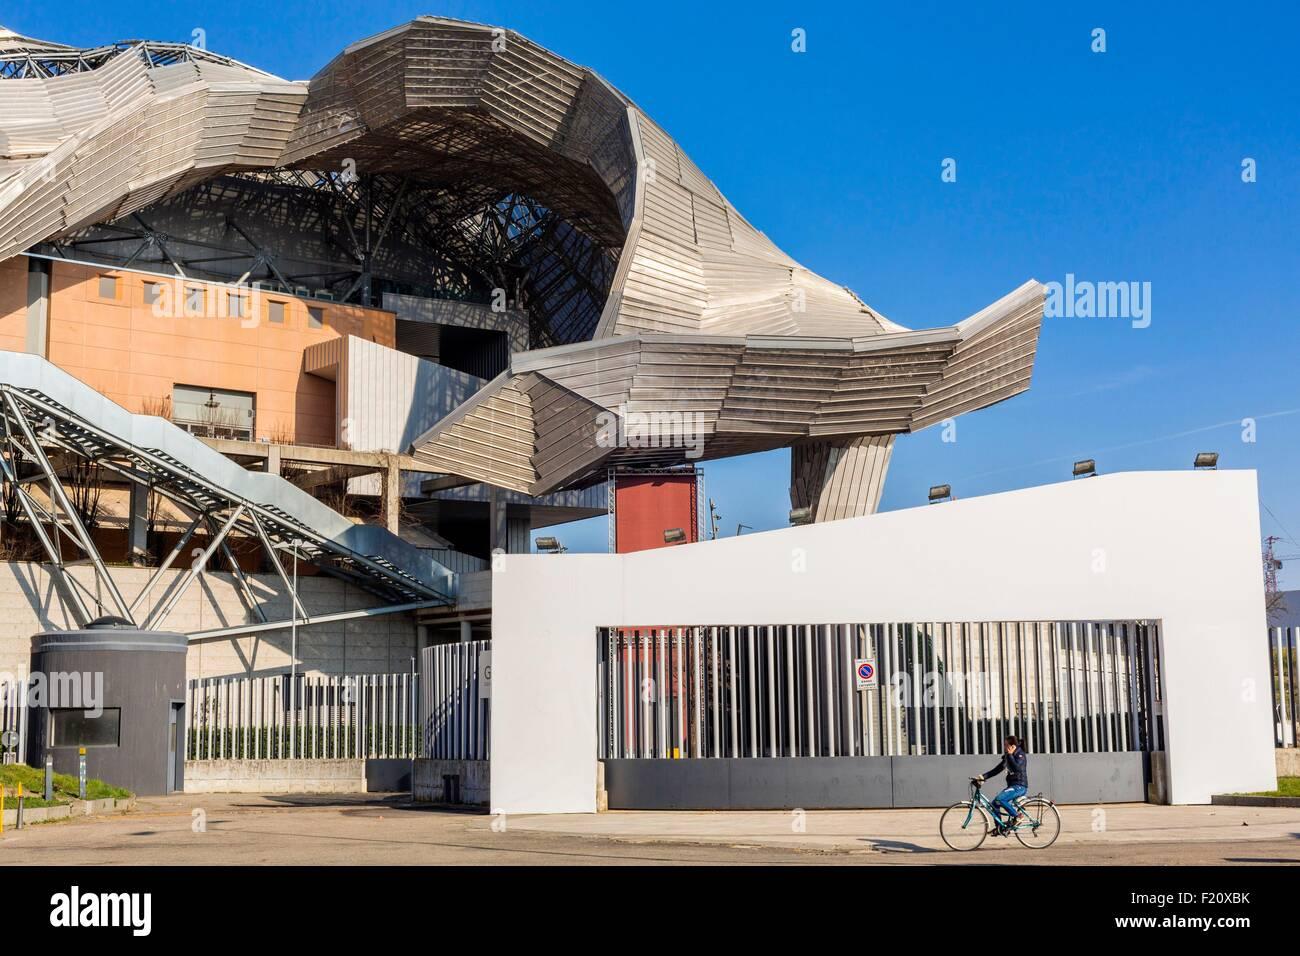 L'Italia, Lombardia, Milano, Piazzale Lotto FieraMilanoCity costruito negli anni ottanta Immagini Stock